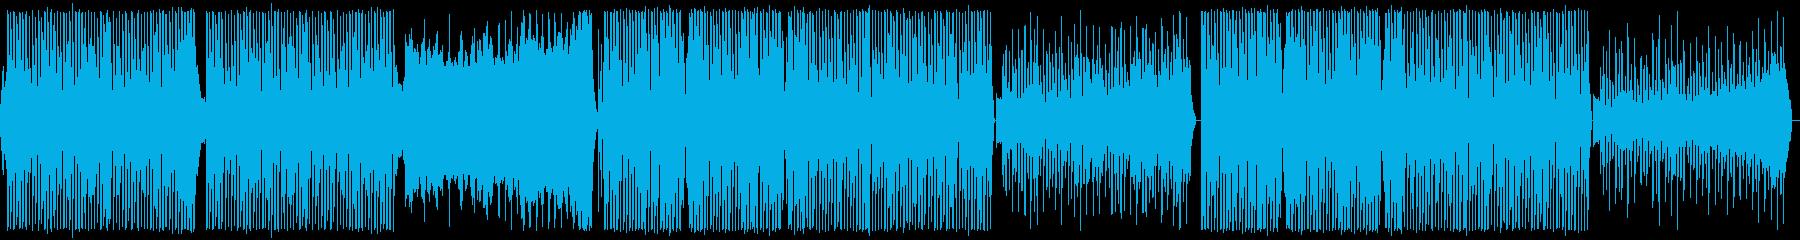 ジャジーなエレクトロスウィングの再生済みの波形